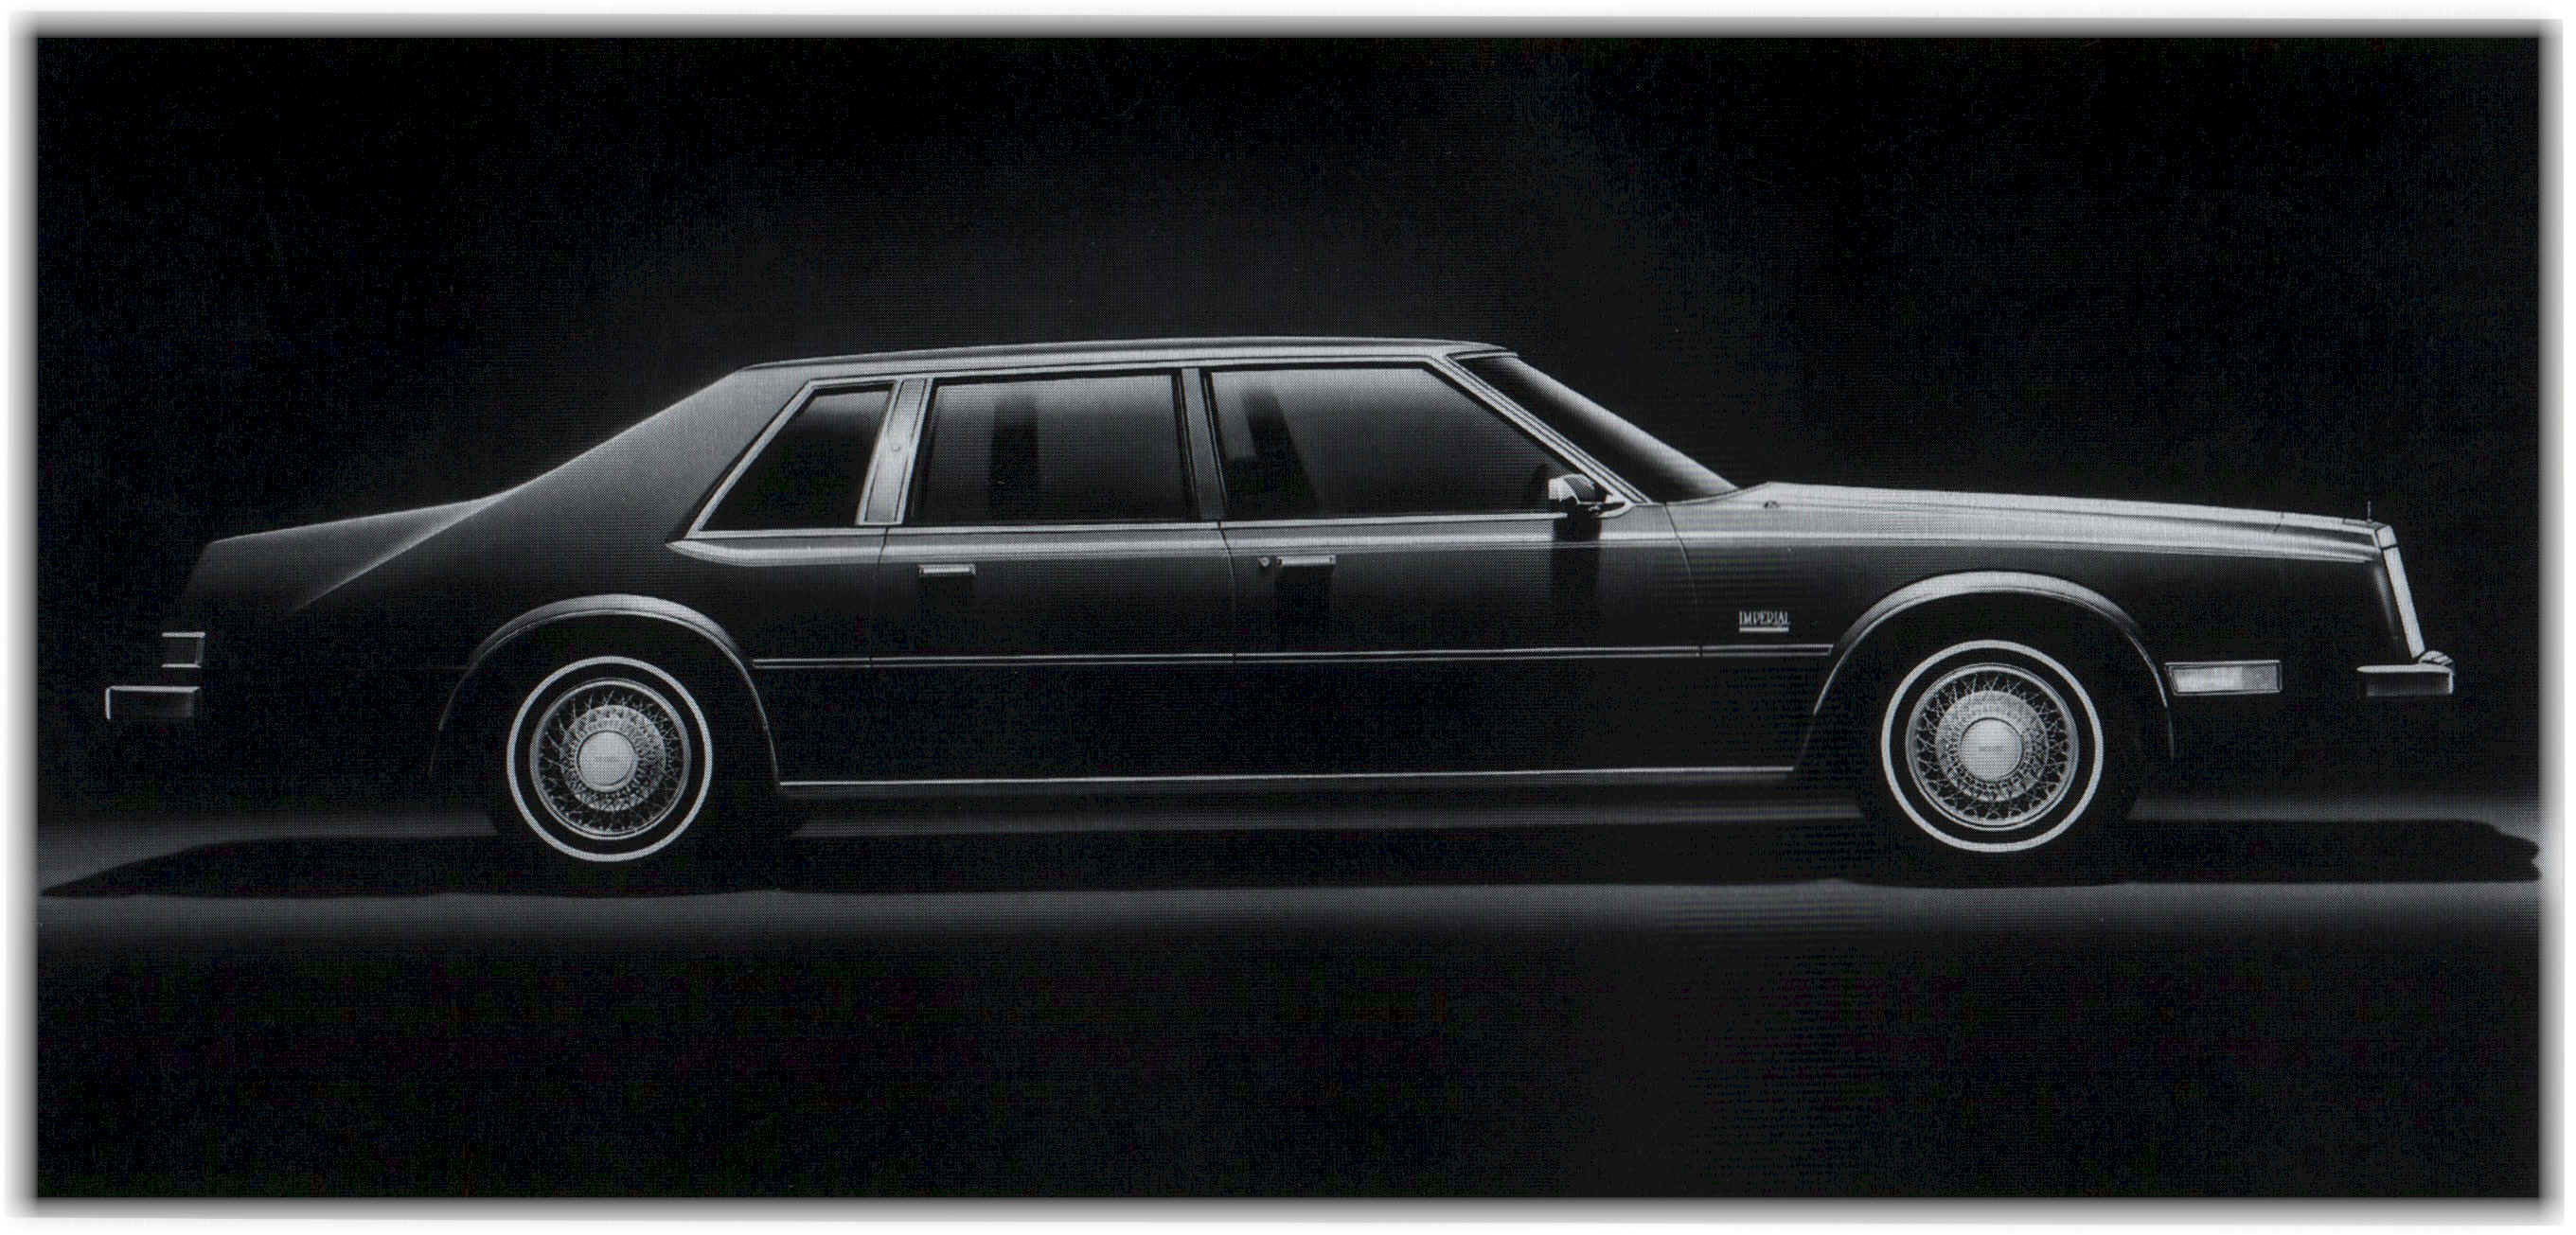 Chrysler imperial limousine